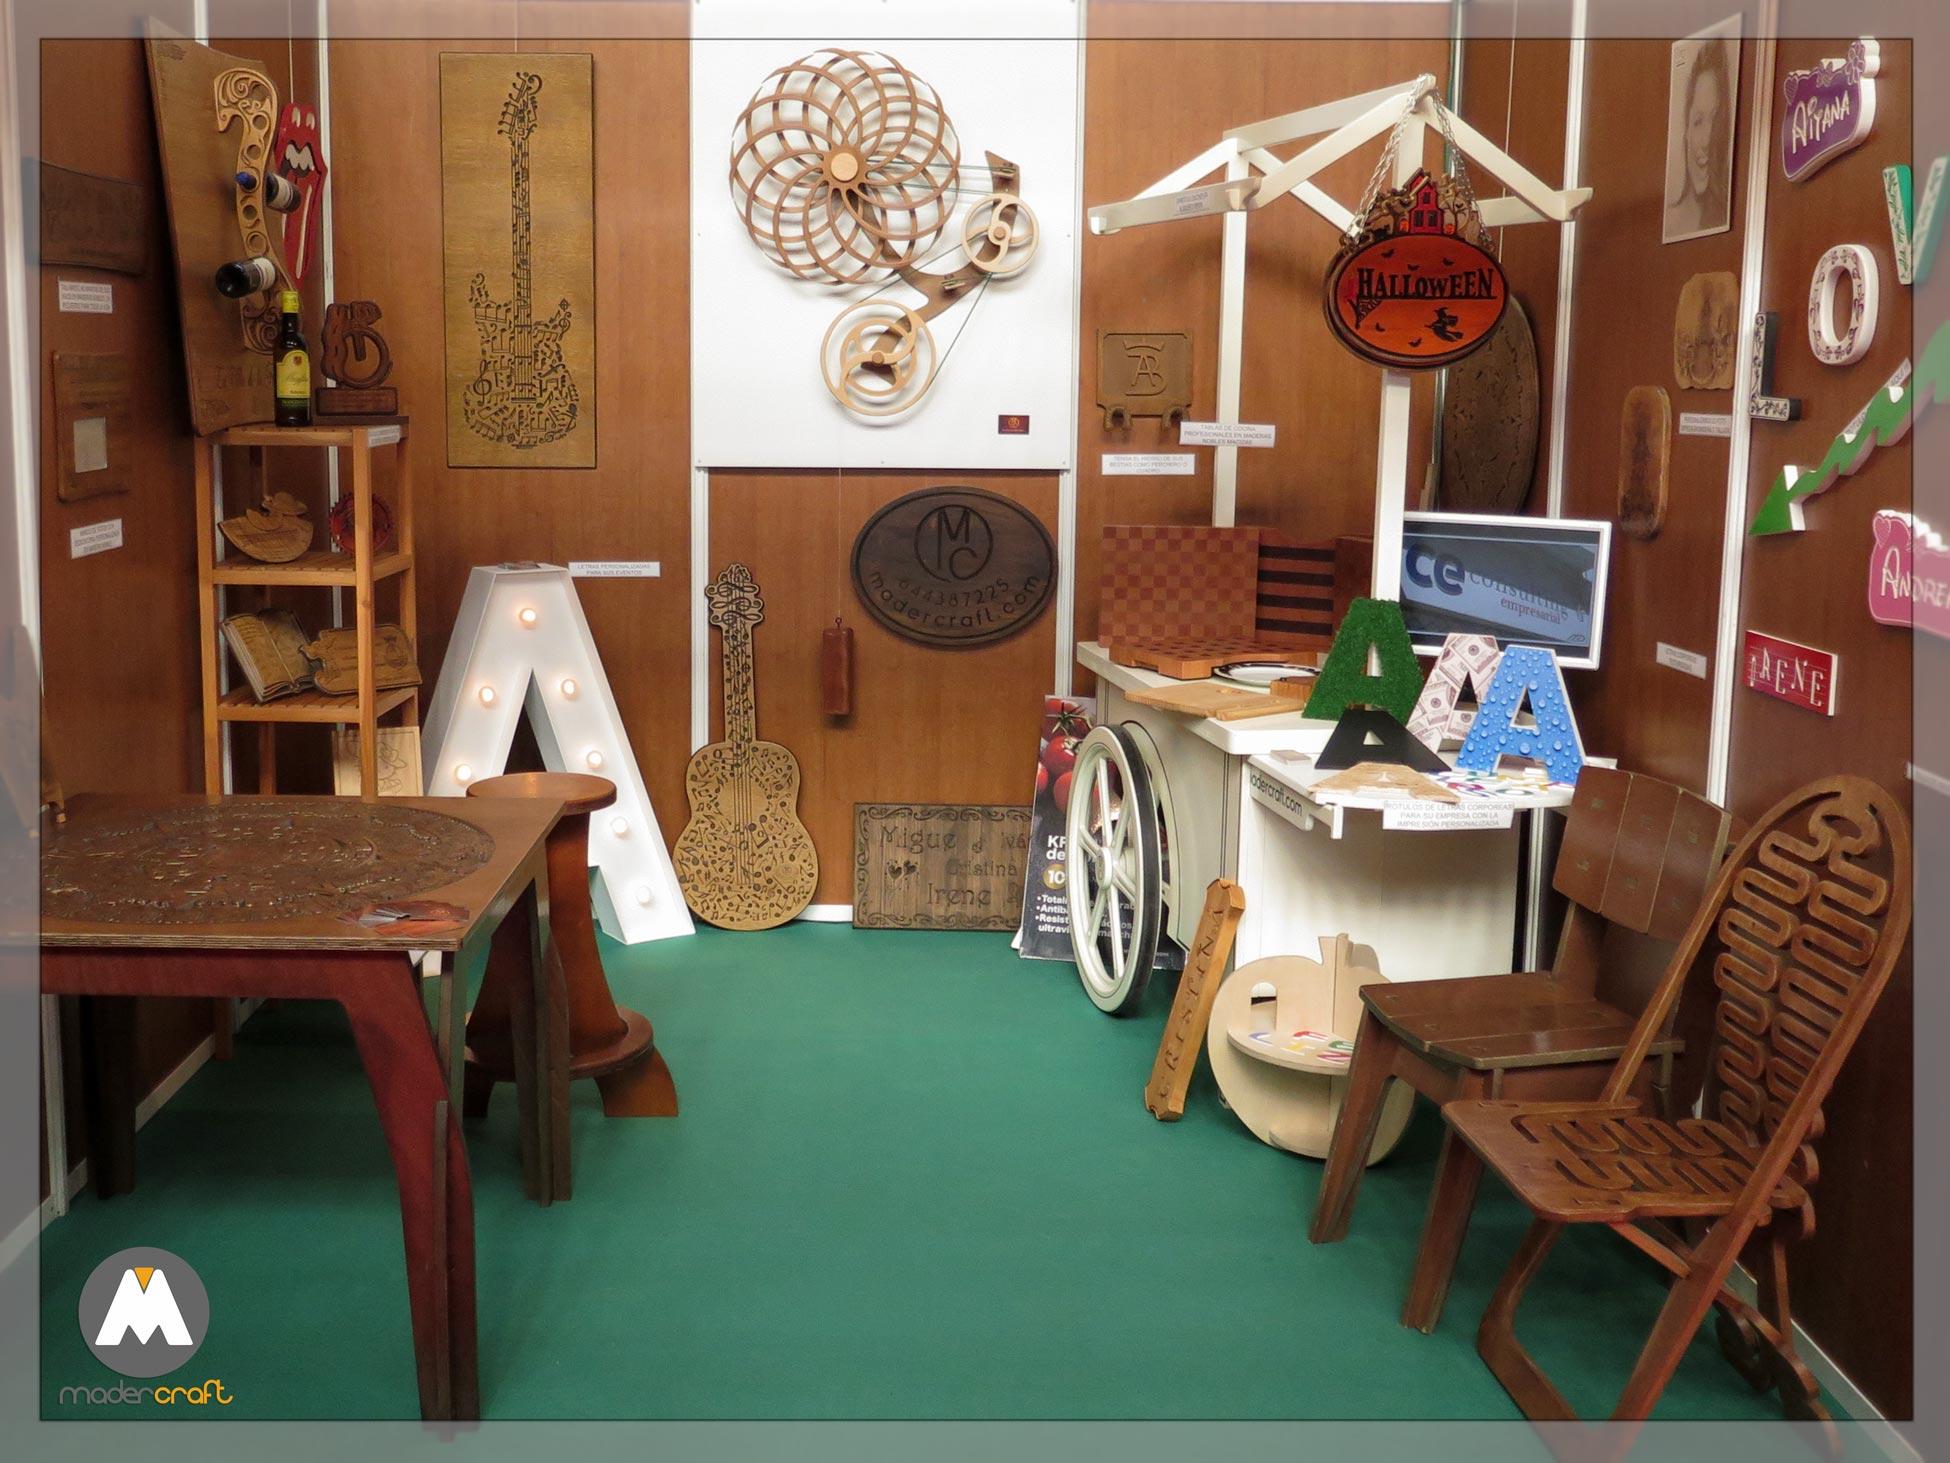 Stand de muestras de MaderCraft, somos fabricantes, silla flexible, mesa puzzle, carrito chuches, letras corporeas, tablas cocina.